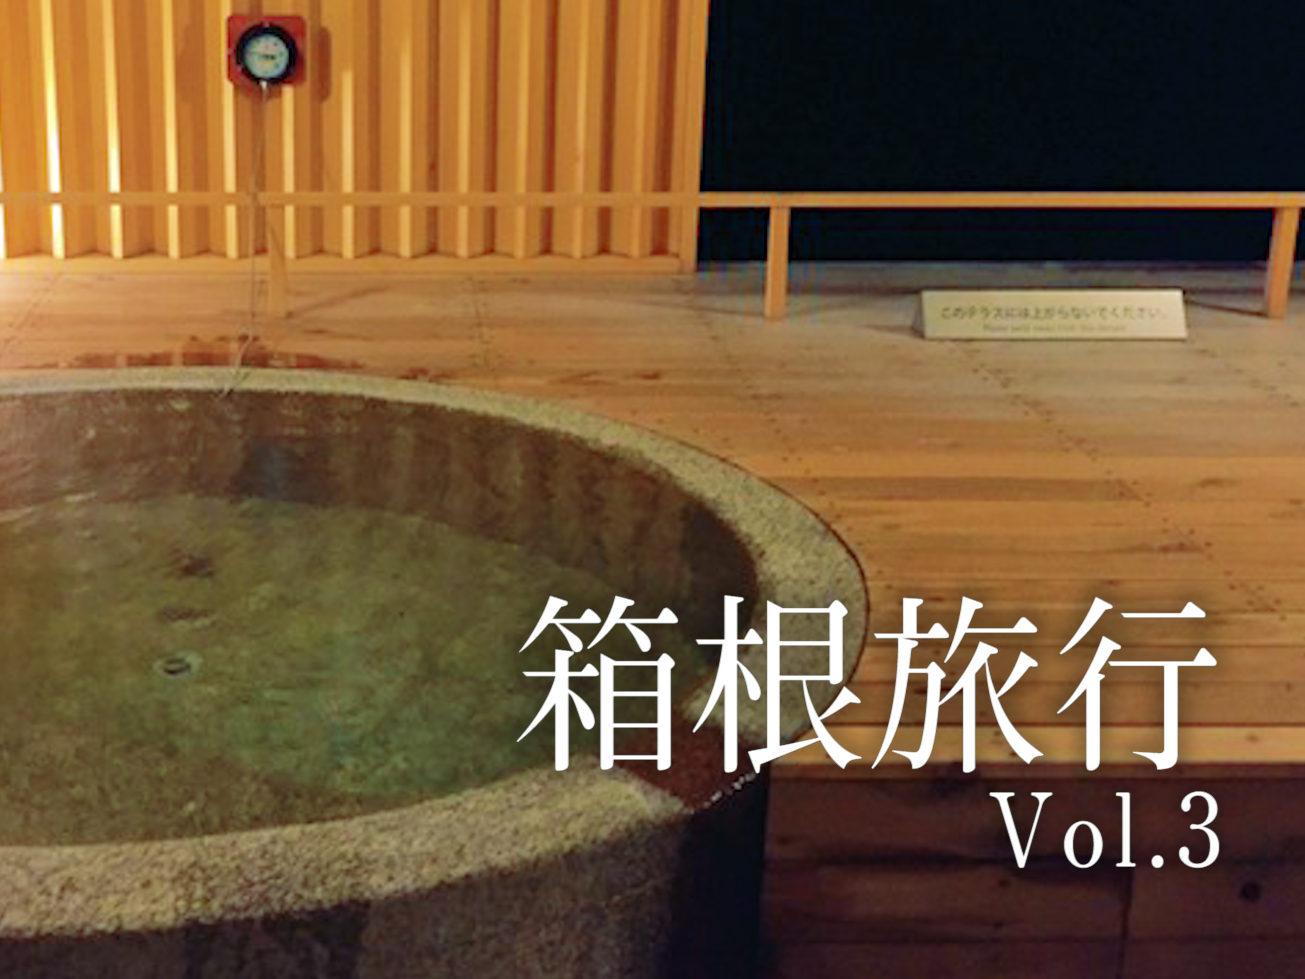 箱根旅行 箱根園 紅葉 芦ノ湖 観光 箱根 パークス吉野